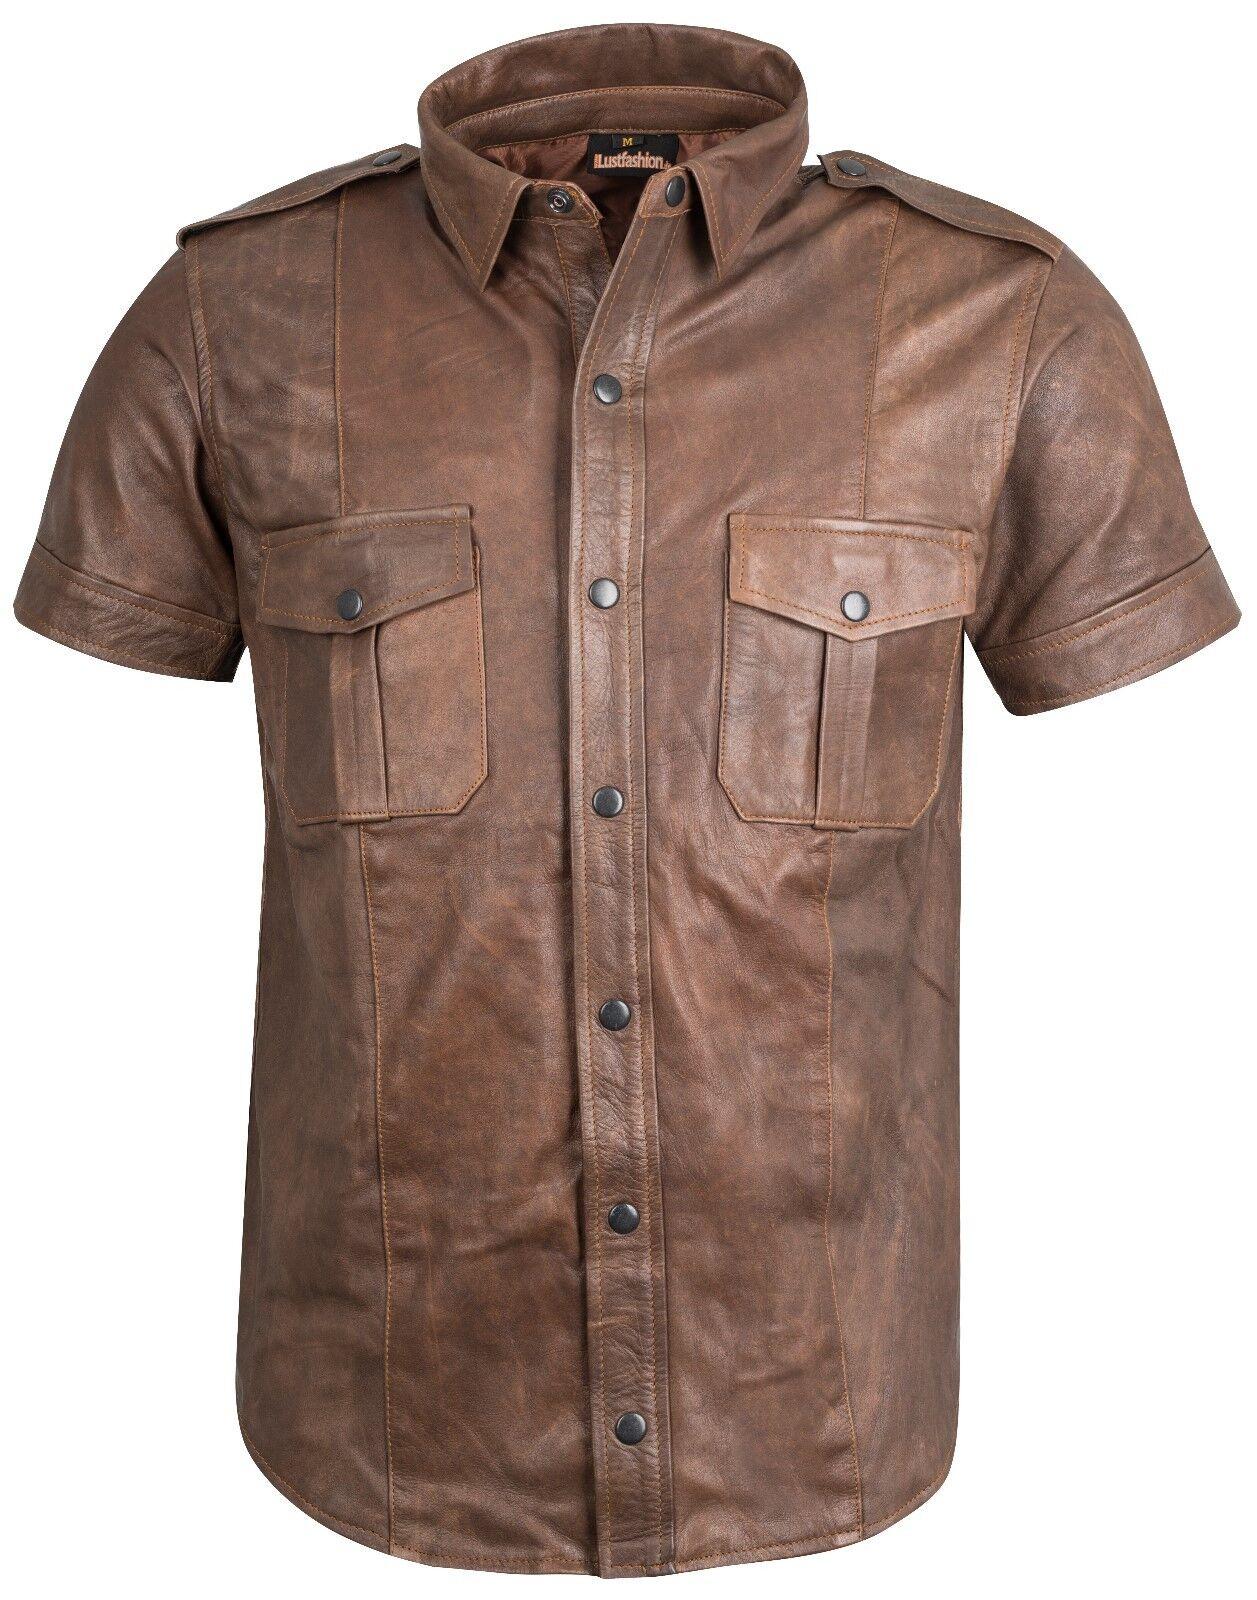 Leather SHIRT new antique police shirt leather uniform XS S M L XL XXL XXL XXXL